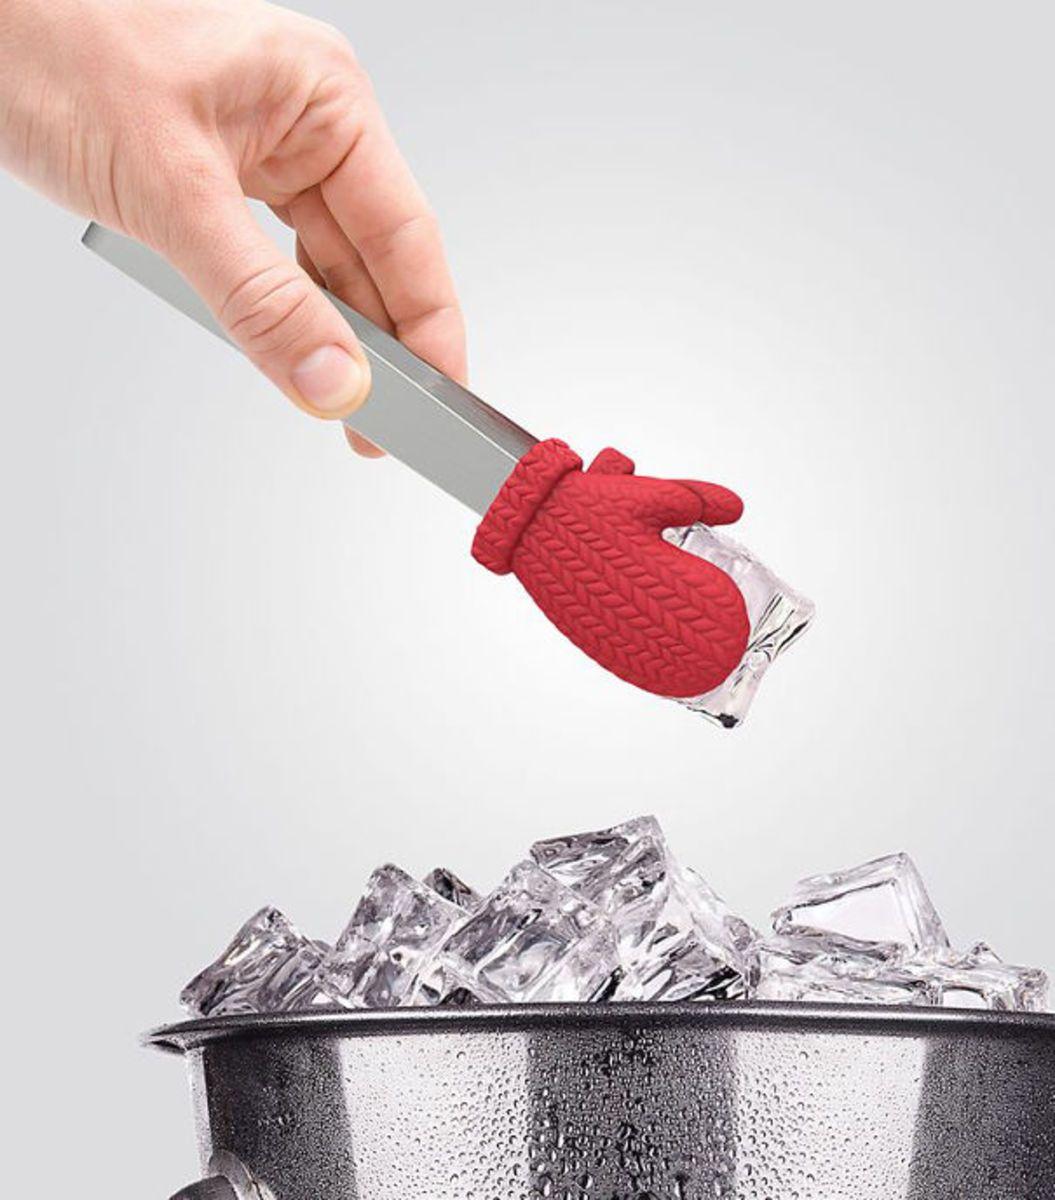 35 utensilios de cocina s per originales y divertidos for Utensilios de cocina divertidos